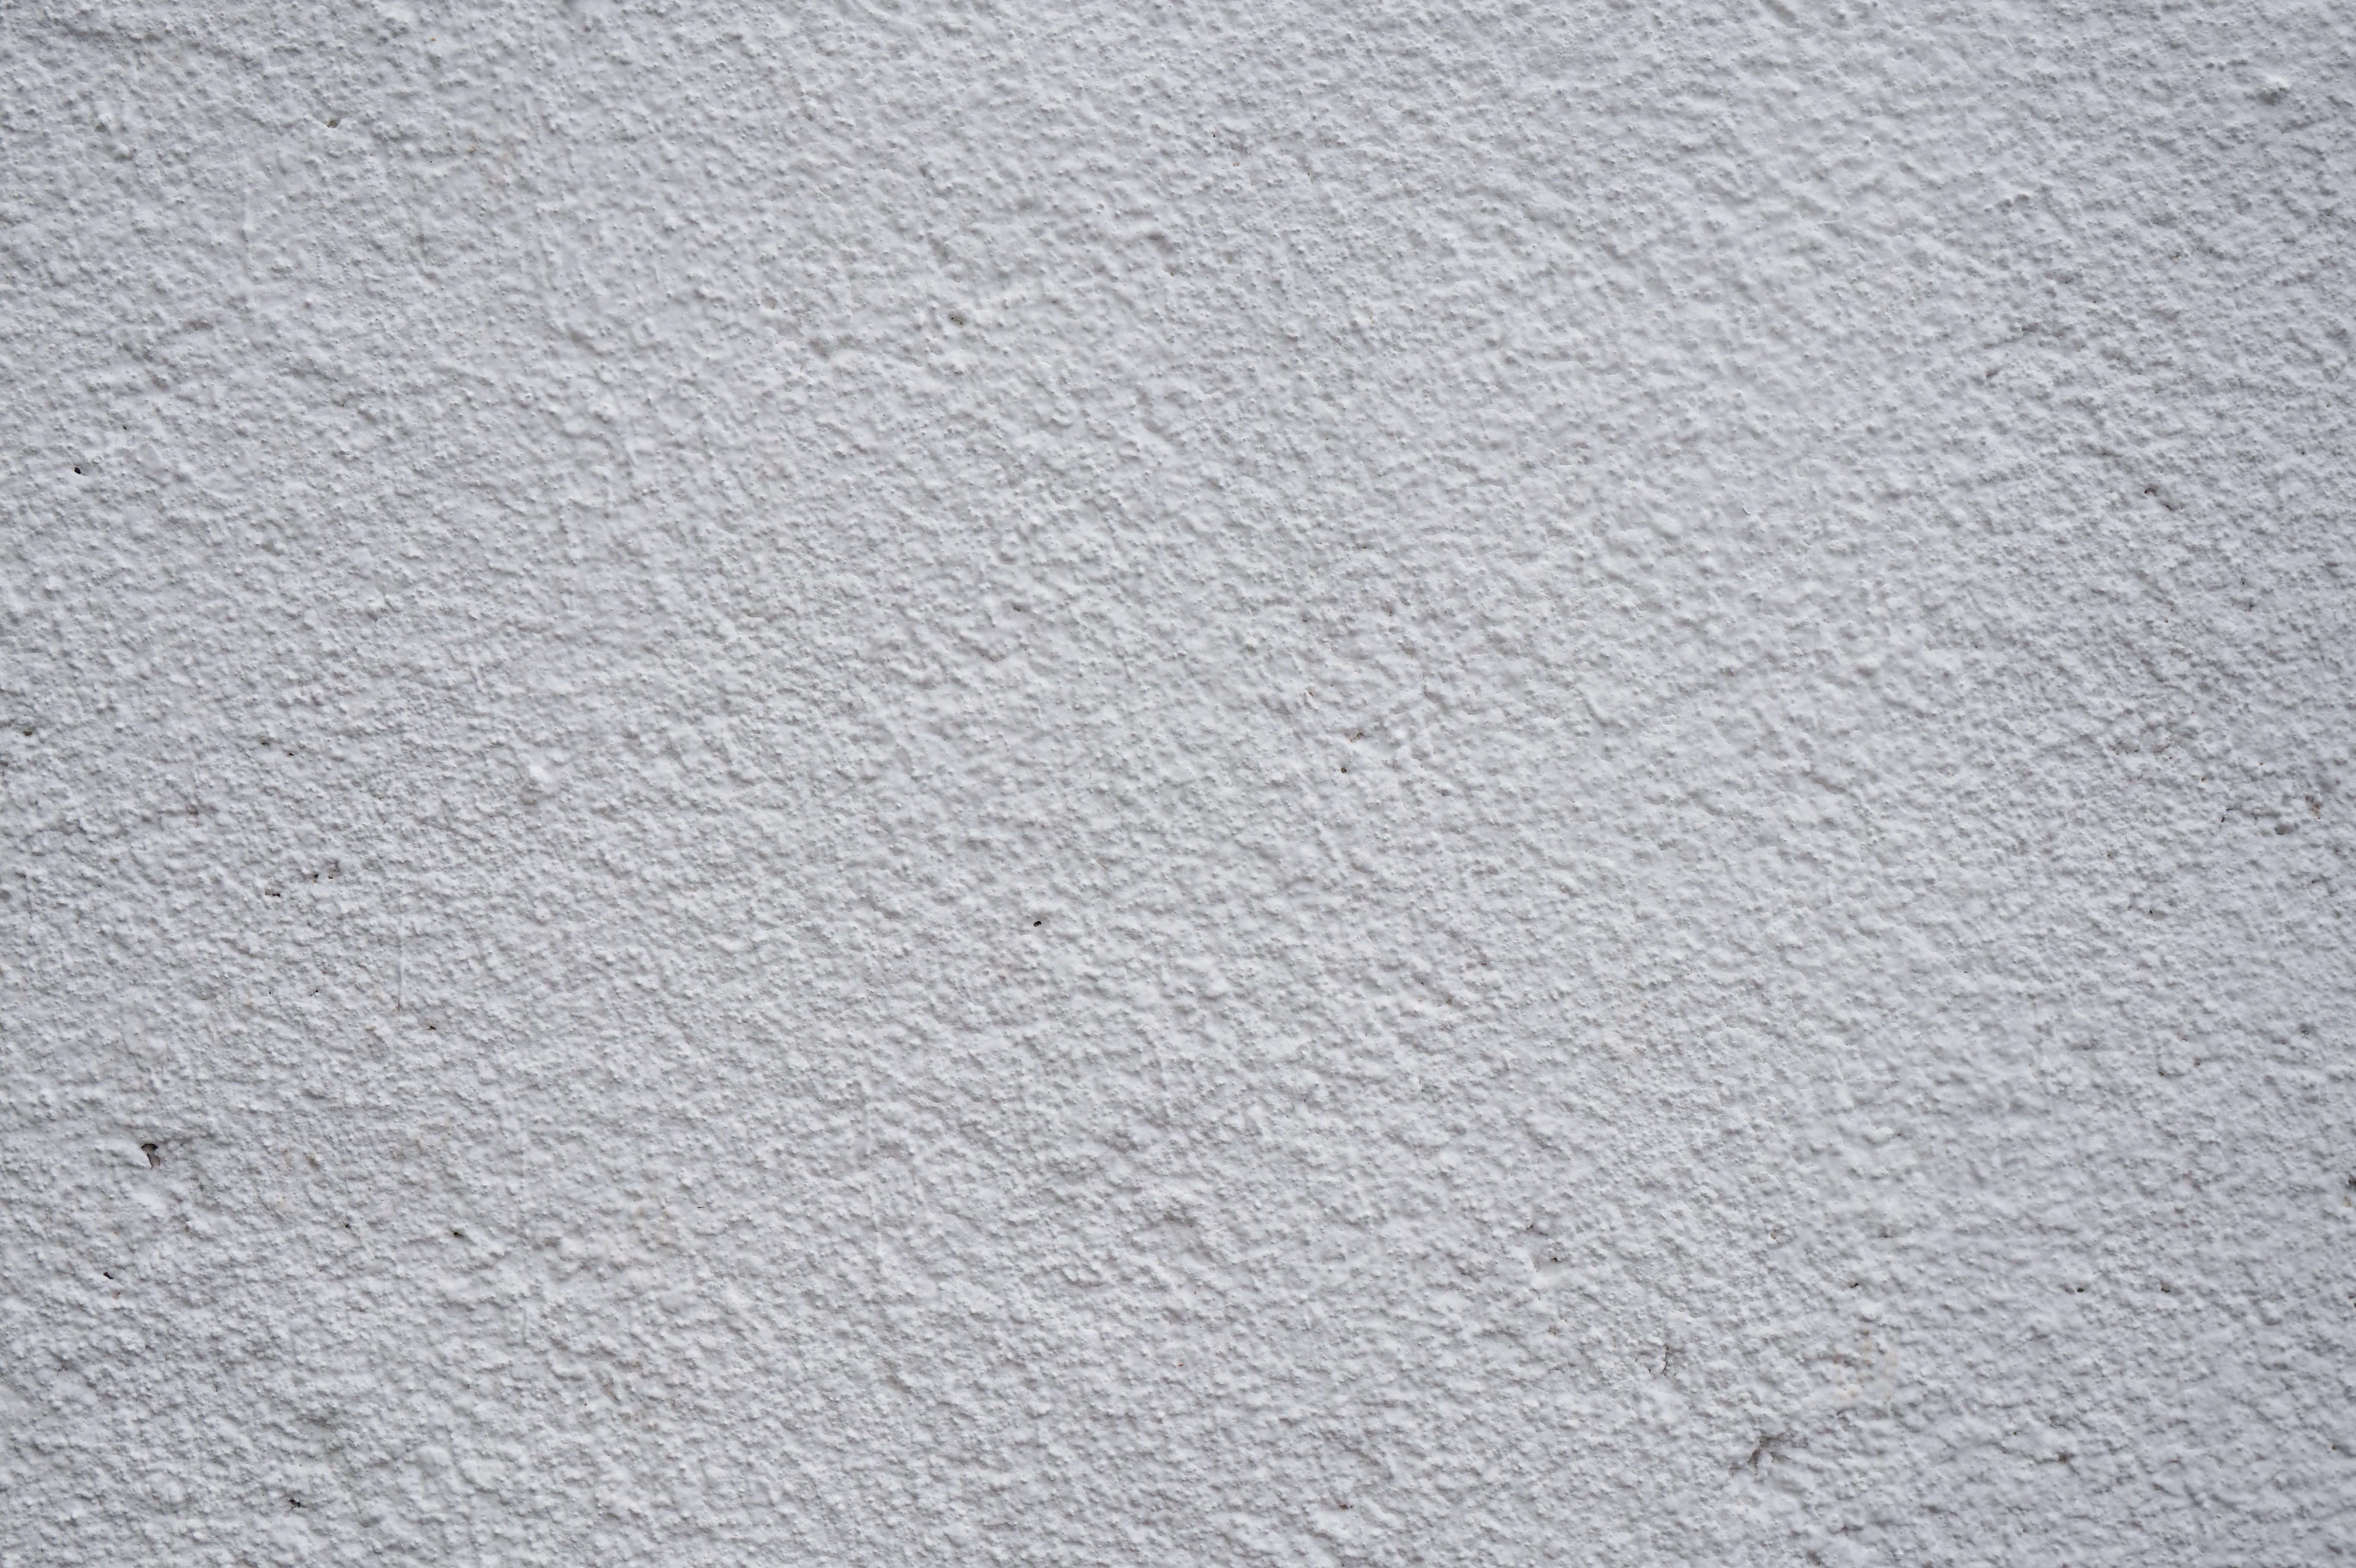 White plaster wall 02 - Concrete - Texturify - Free textures